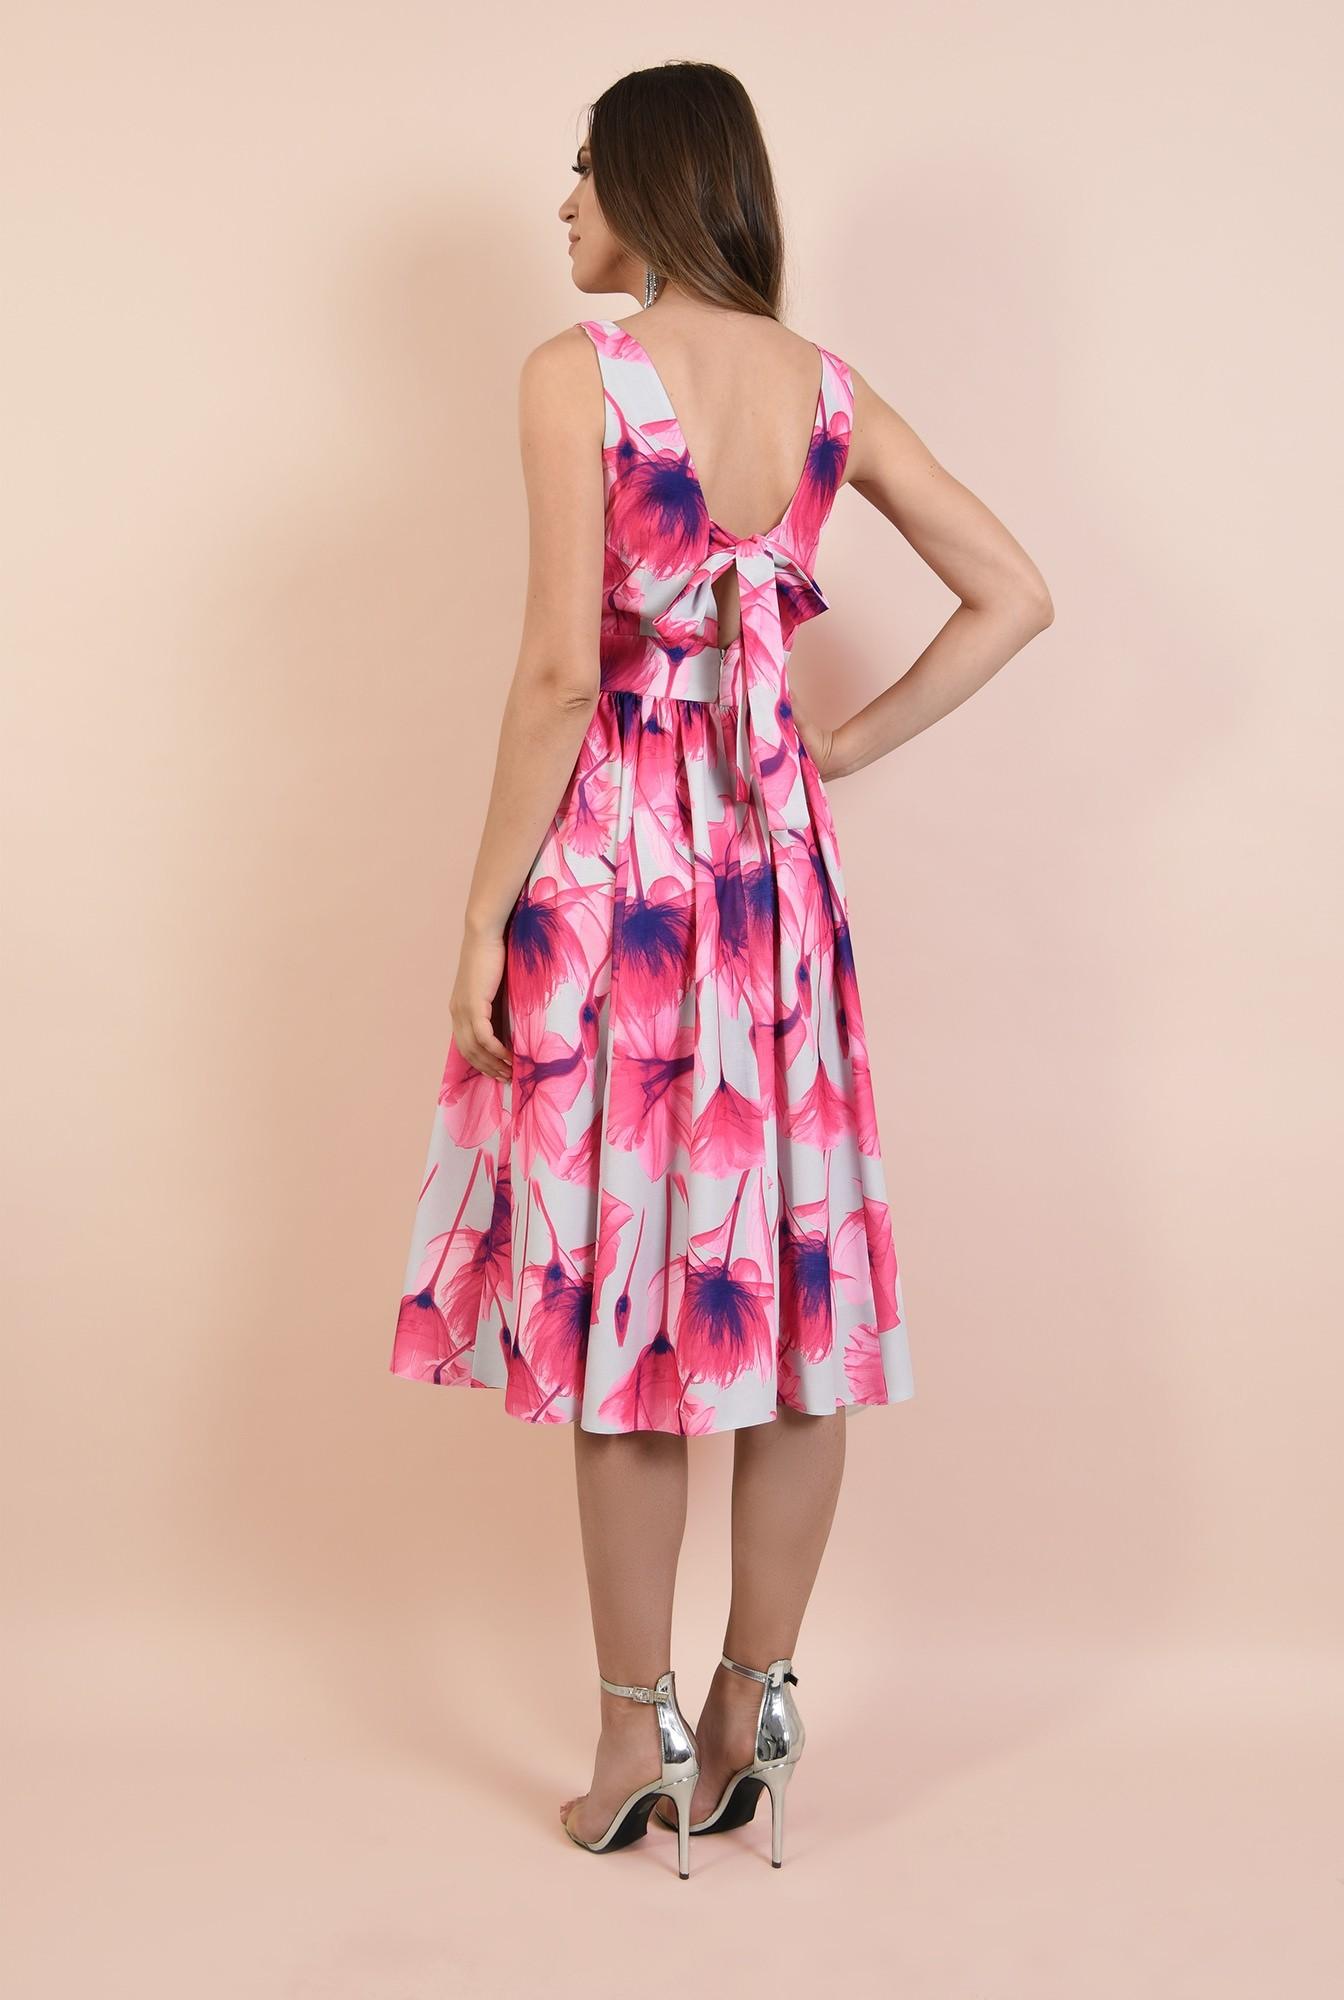 1 - rochie eleganta, croi pe bie, decolteu in V, midi, evazata, cu flori